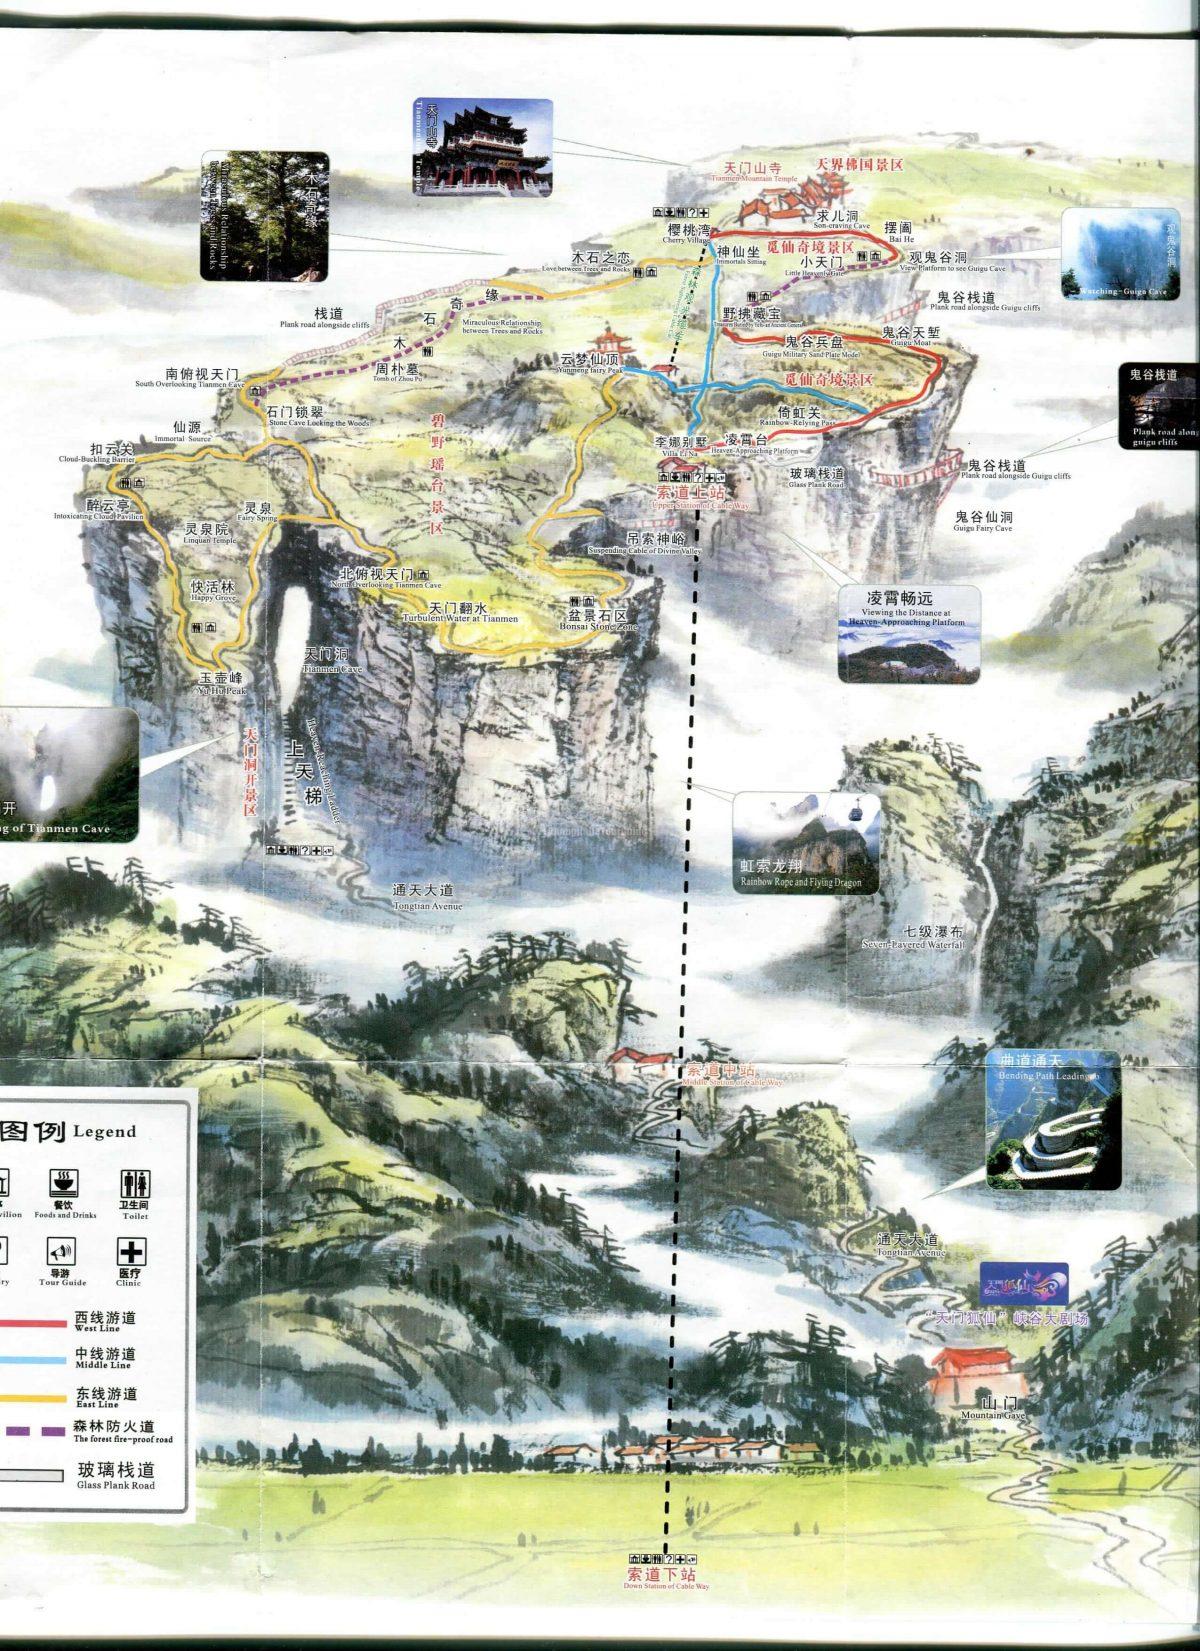 zhangjiajie tianmenshan tourist map